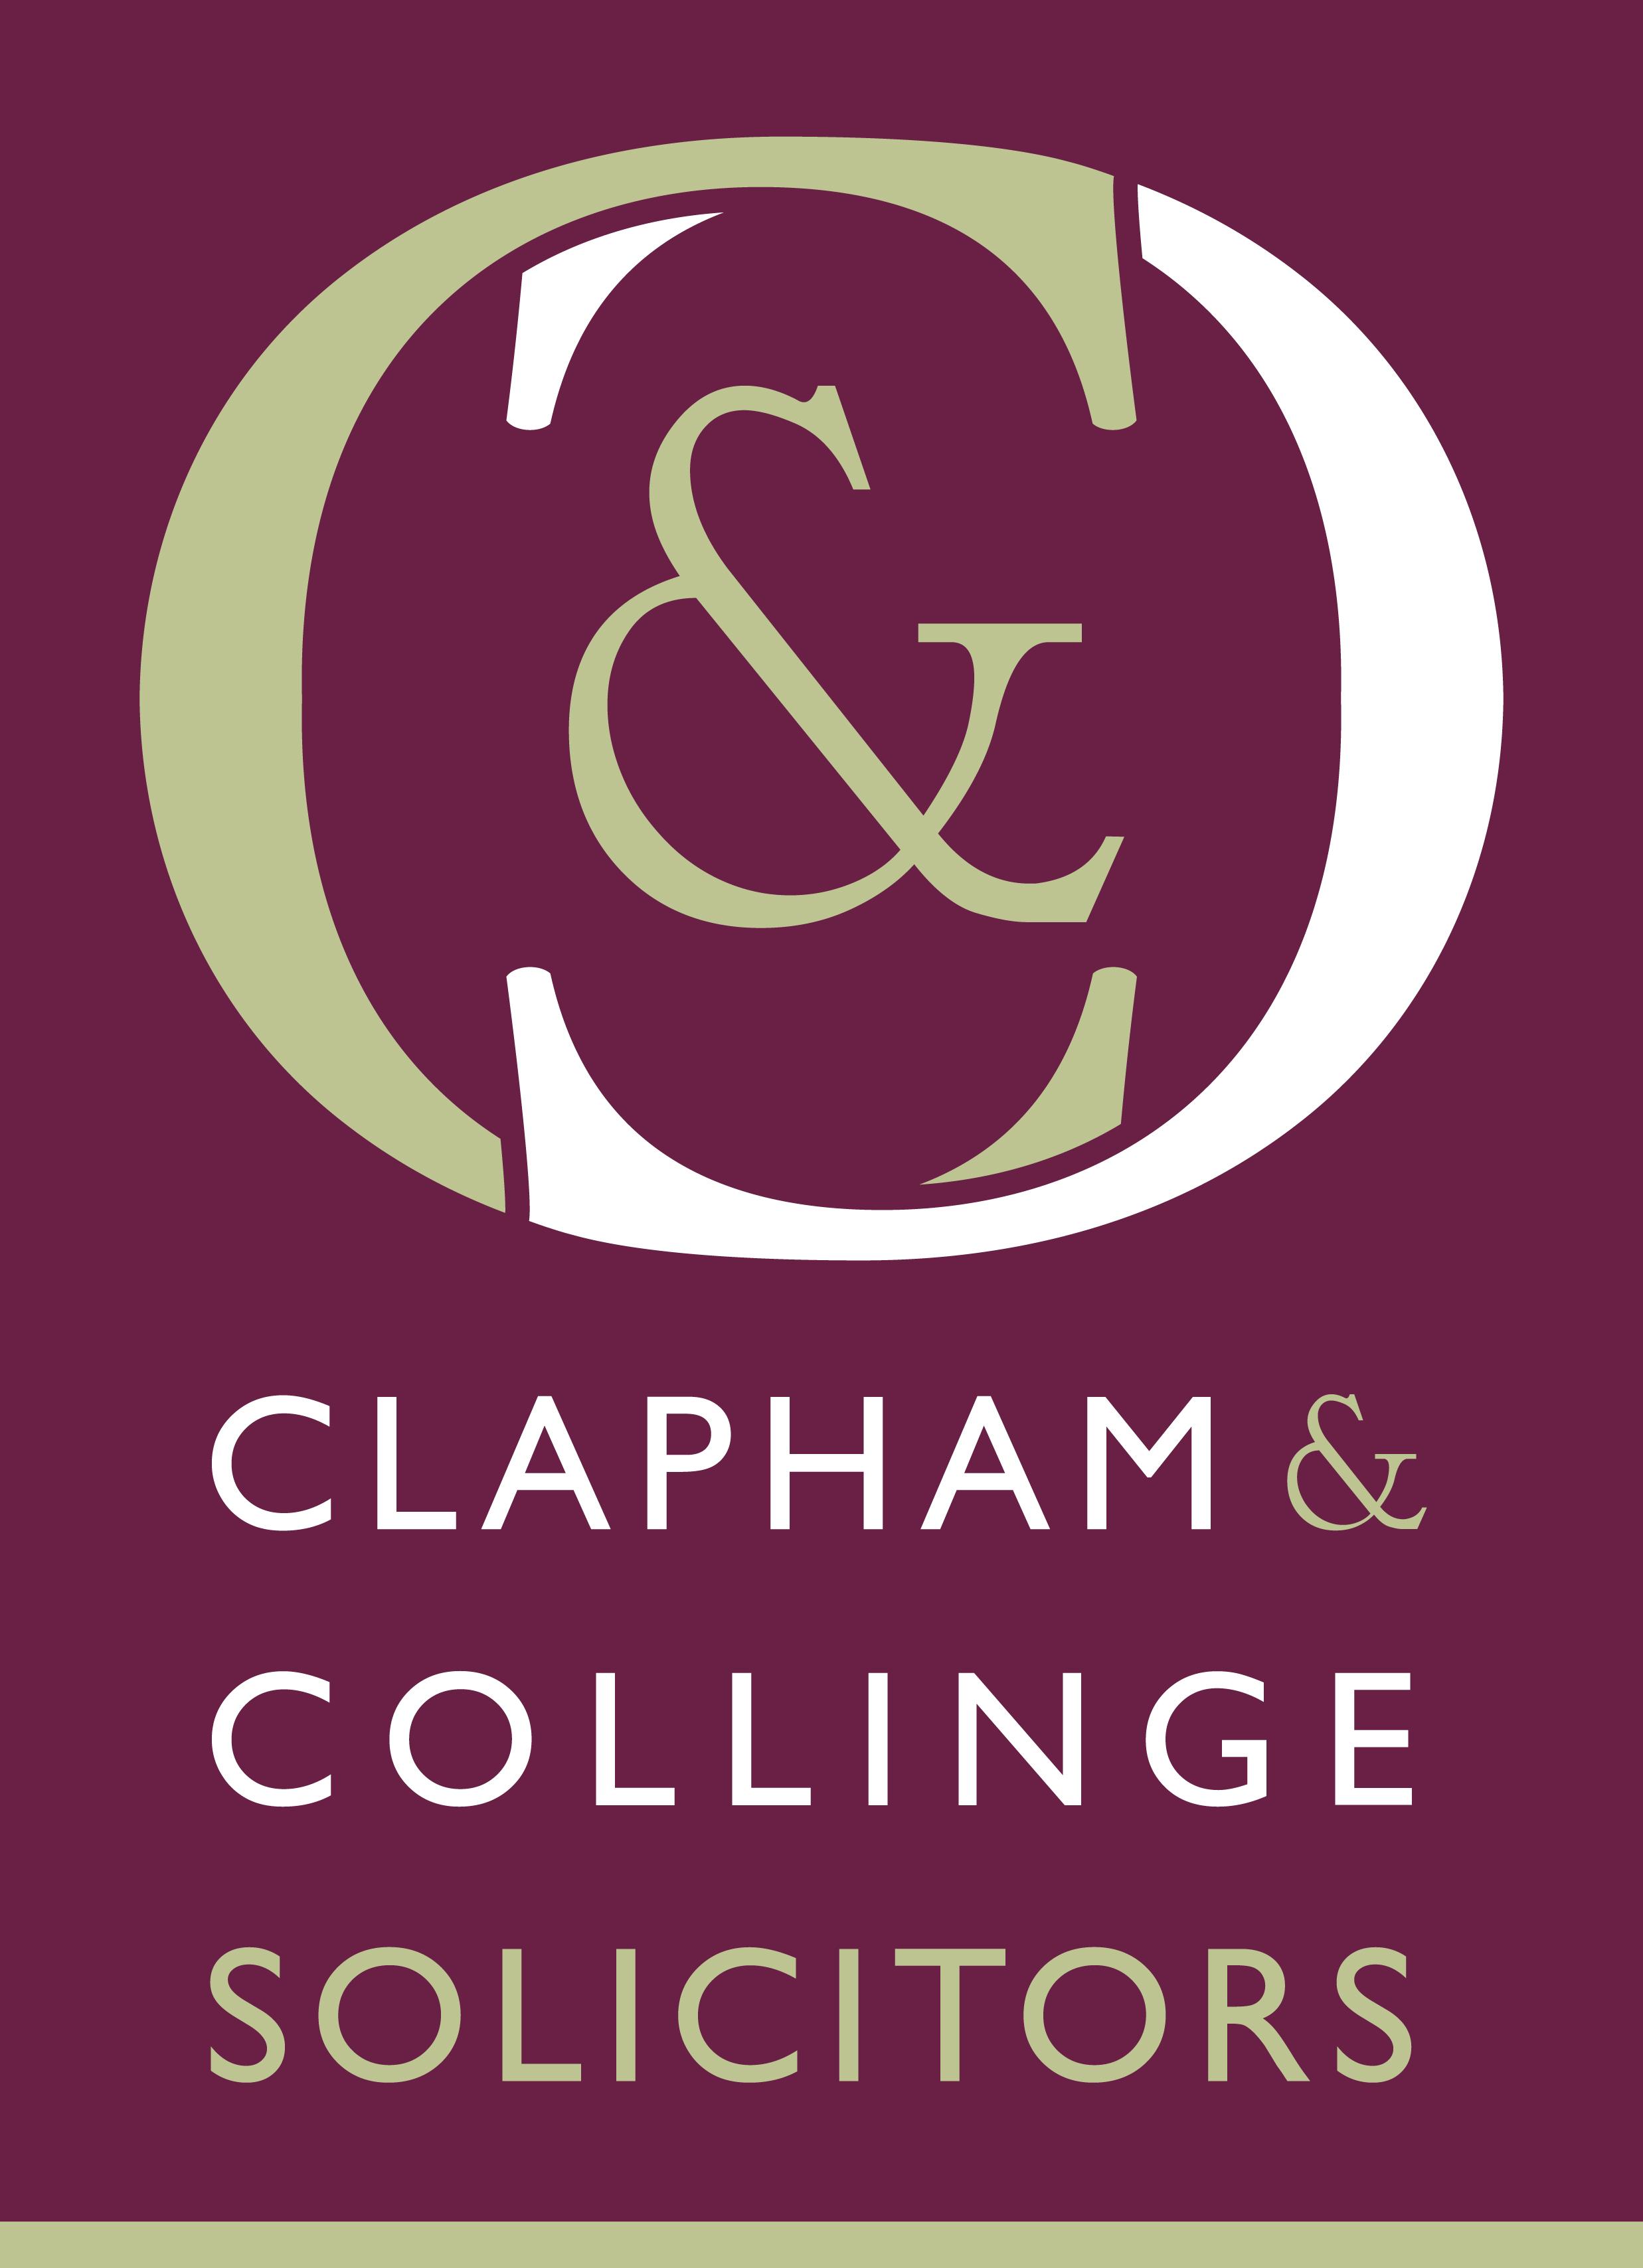 Clapham & Collinge Solicitors